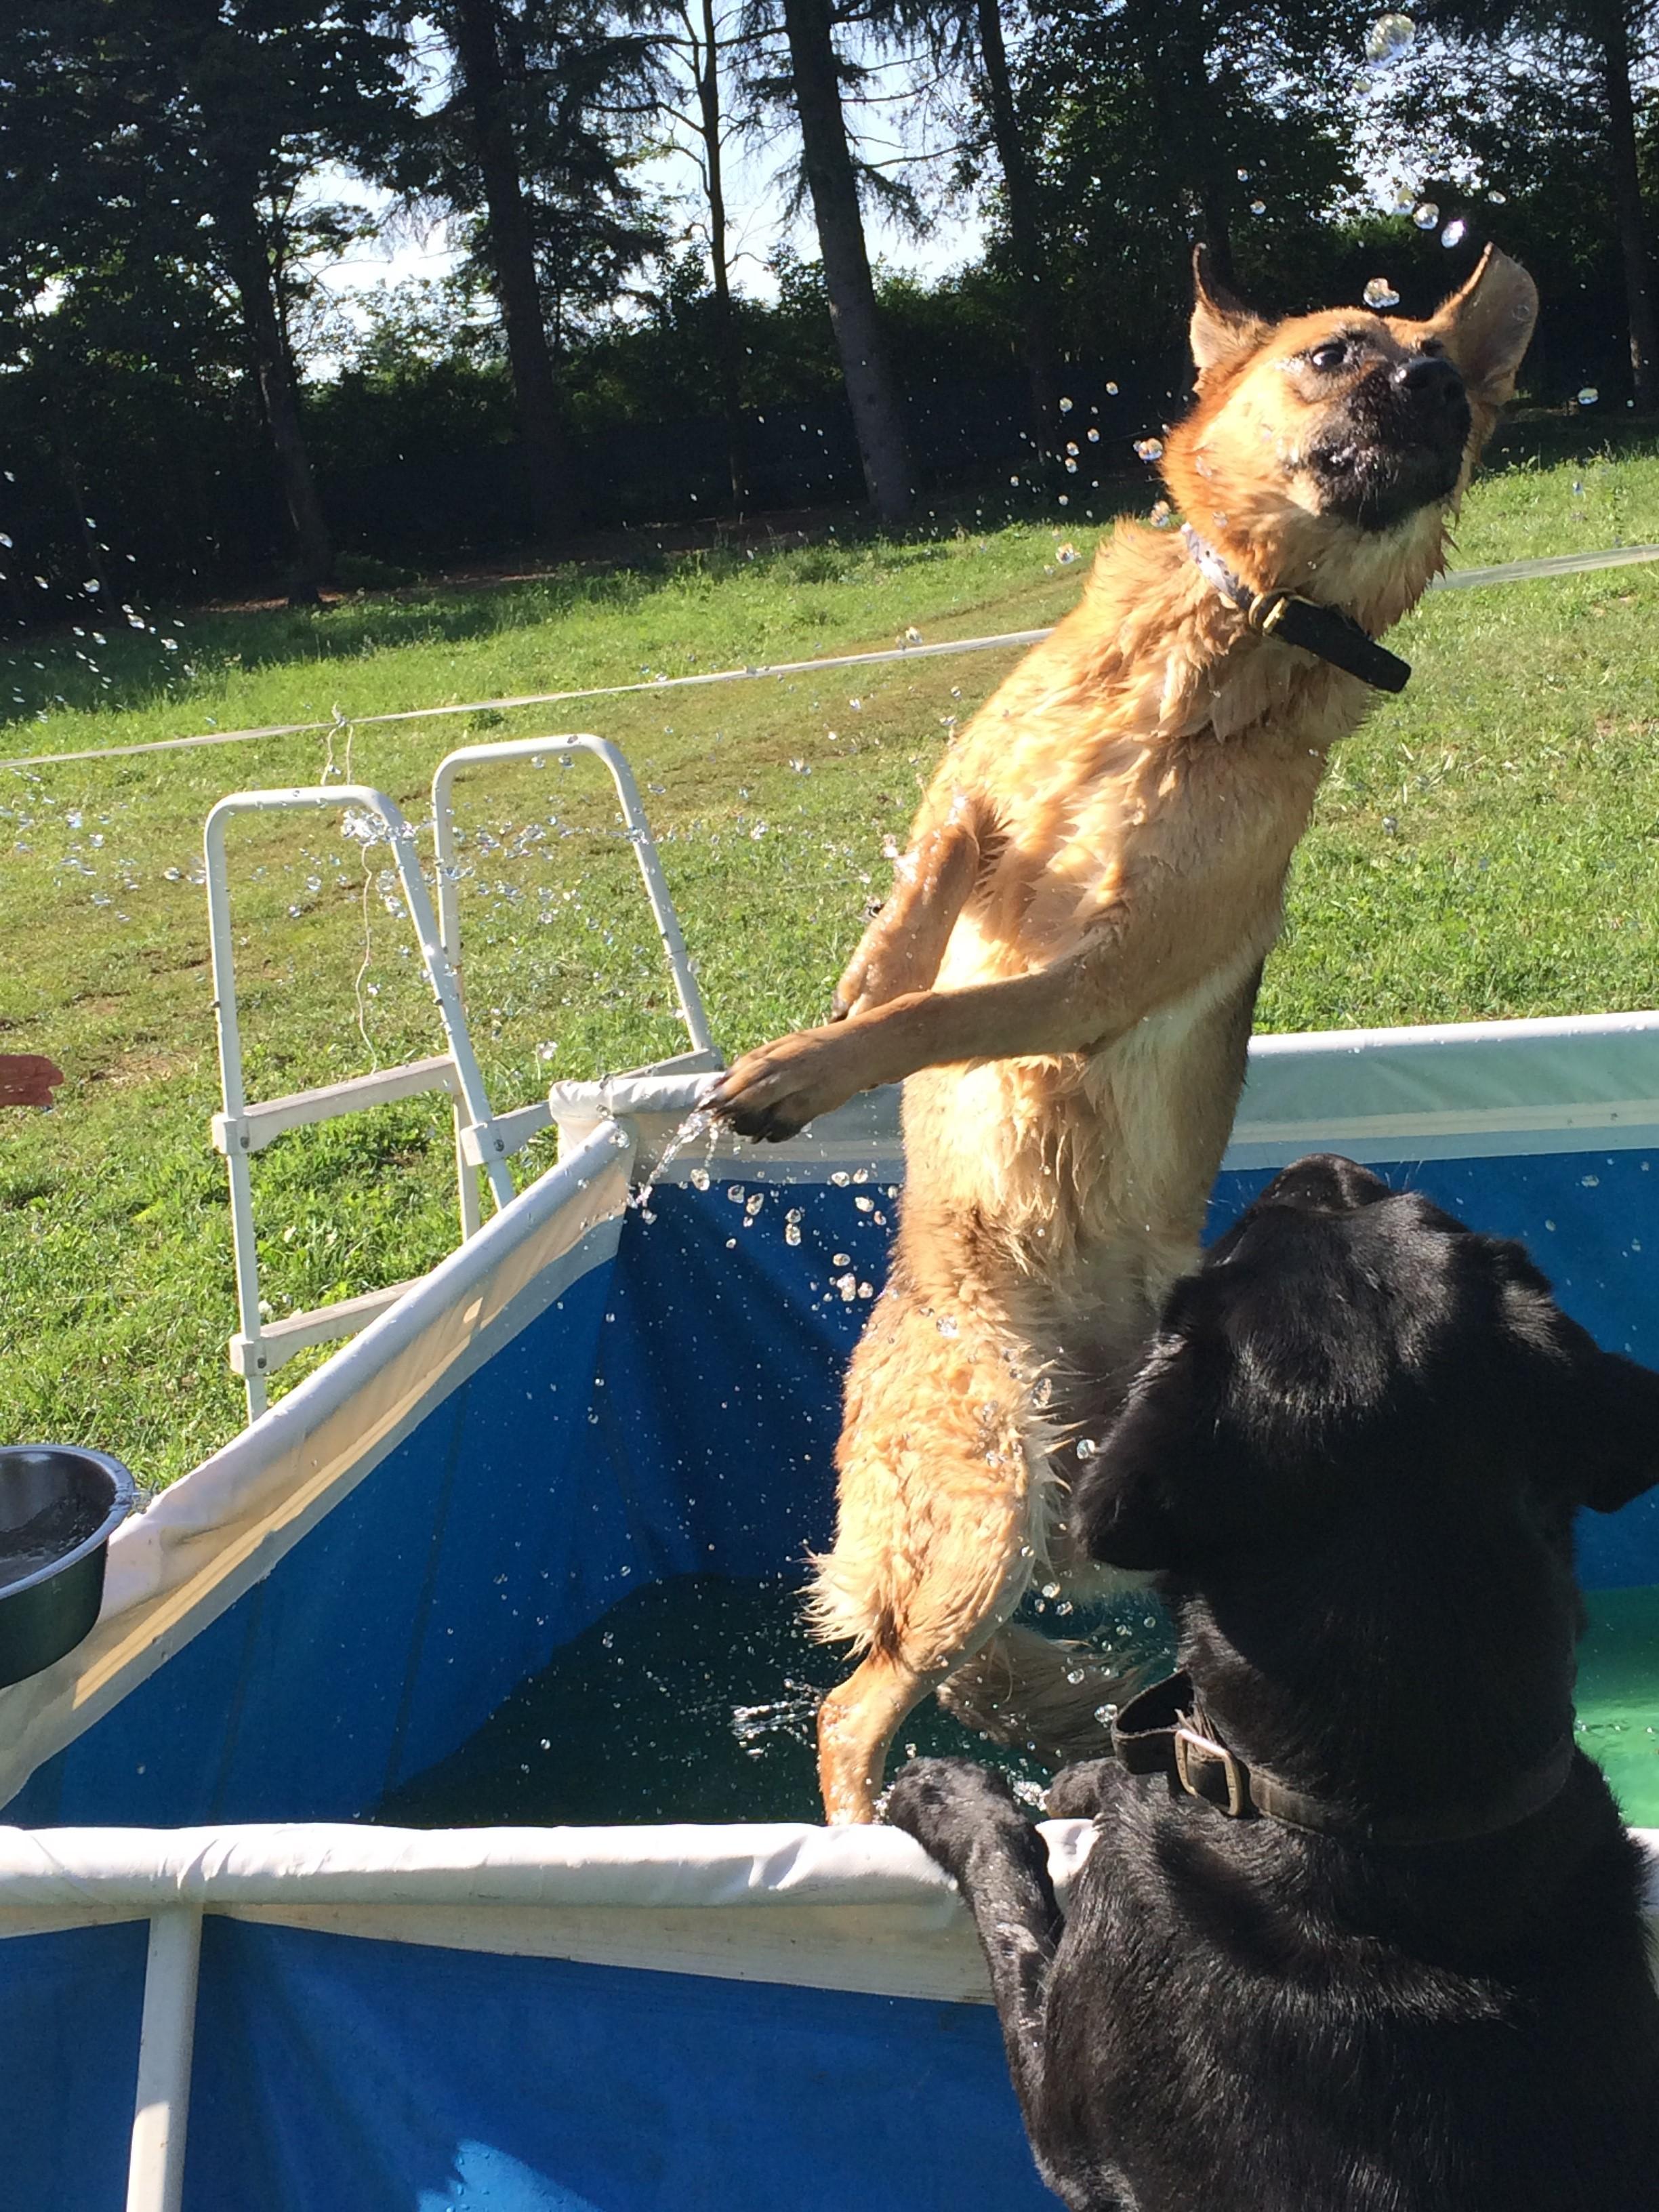 lasciare il cane a una persona di fiducia